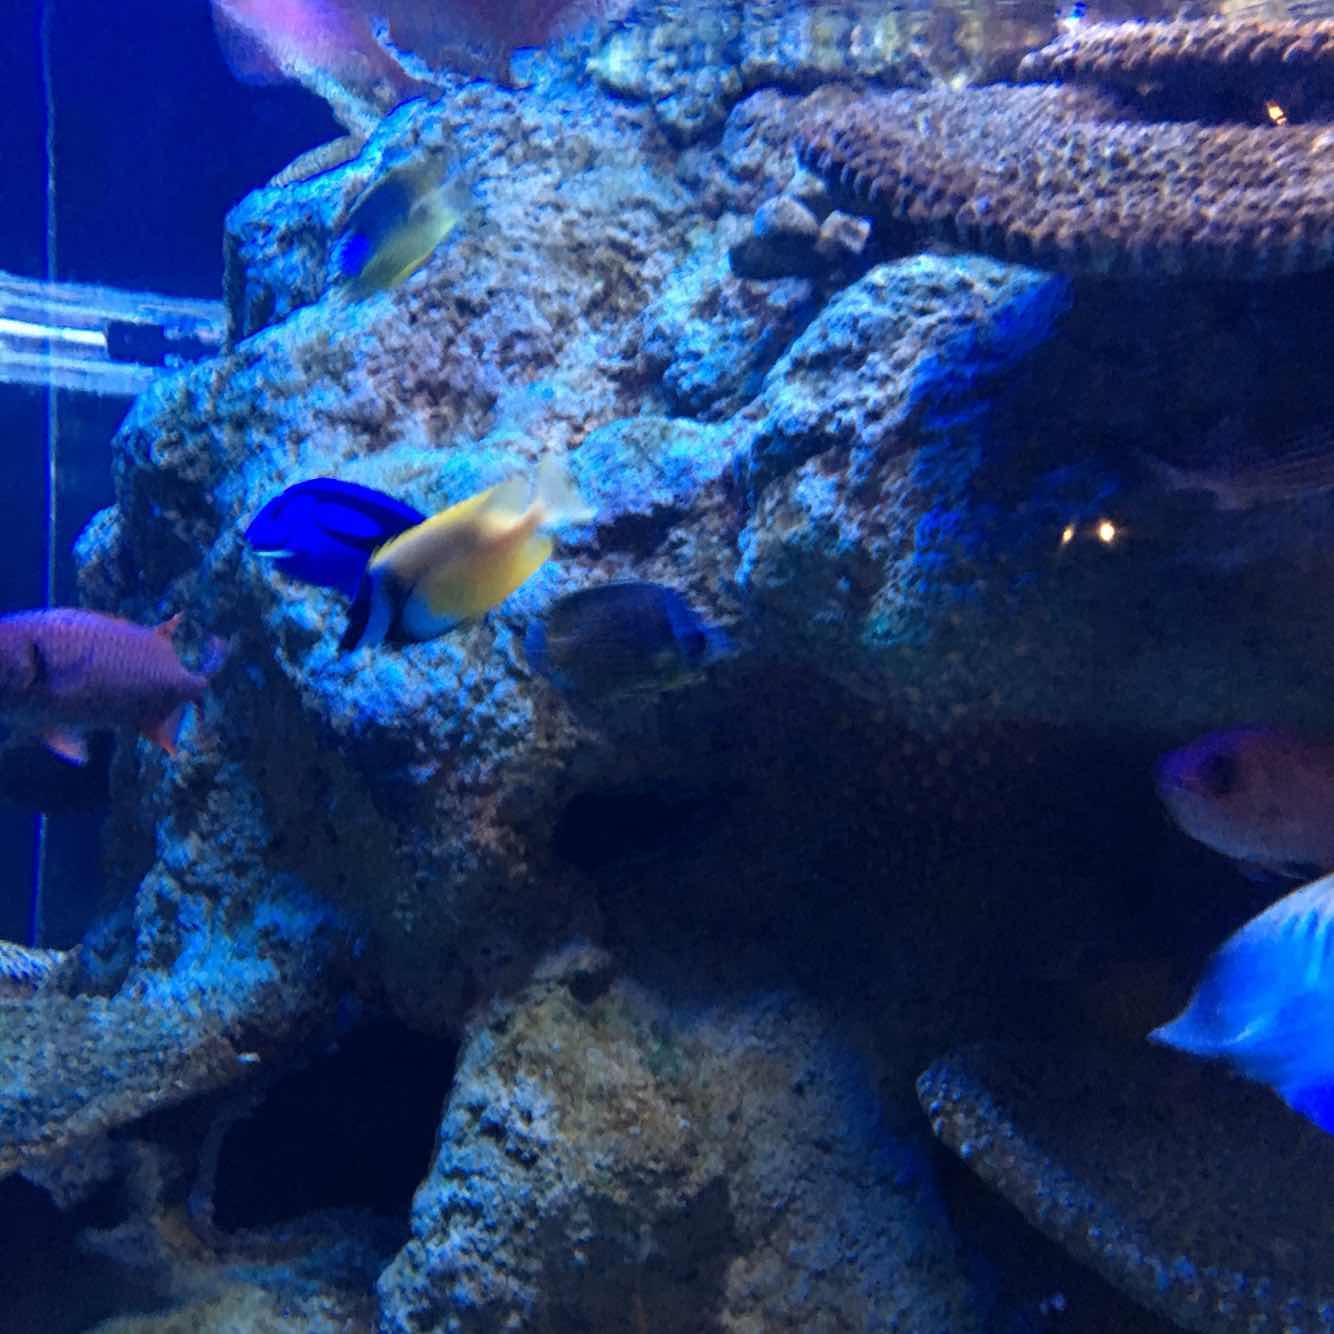 北海海底世界好玩_富国海底世界VS北京海洋馆,请问哪个更好玩一点? 问